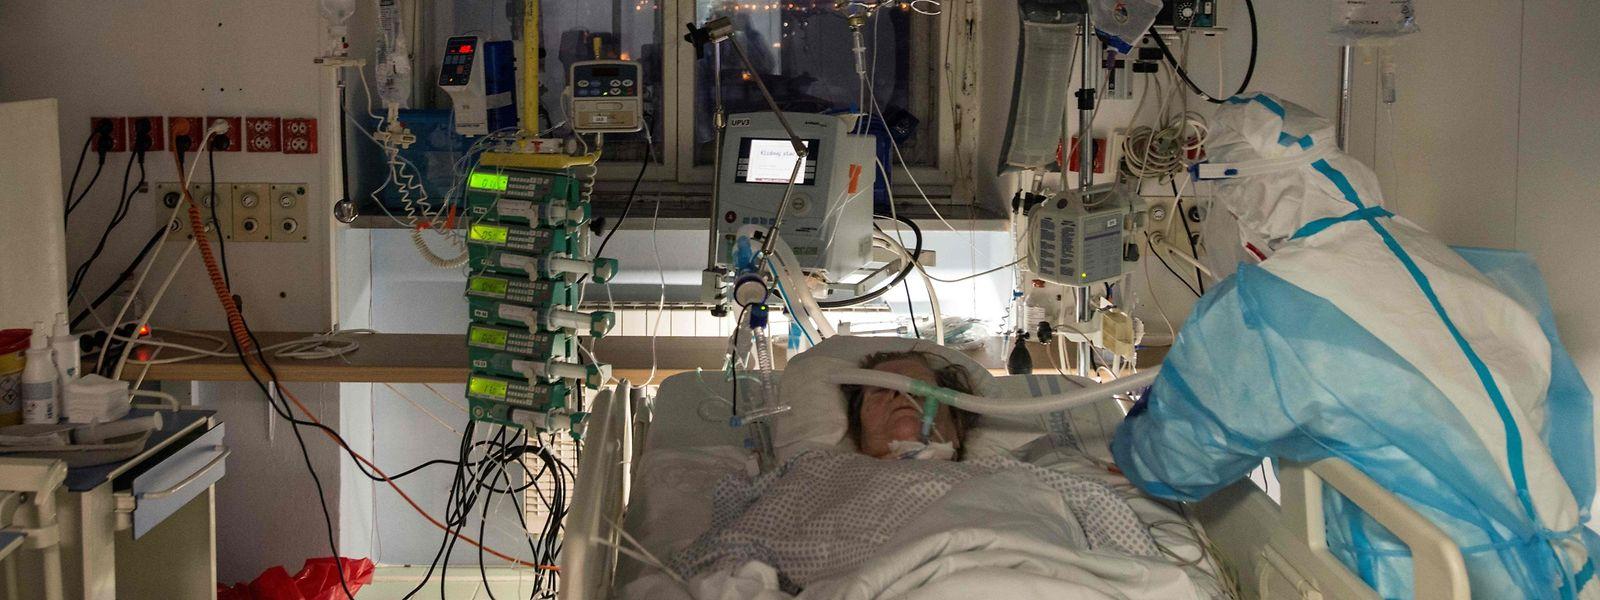 600 personnes infectées sont actuellement traitées pour infection covid en service de soins intensifs au Portugal.